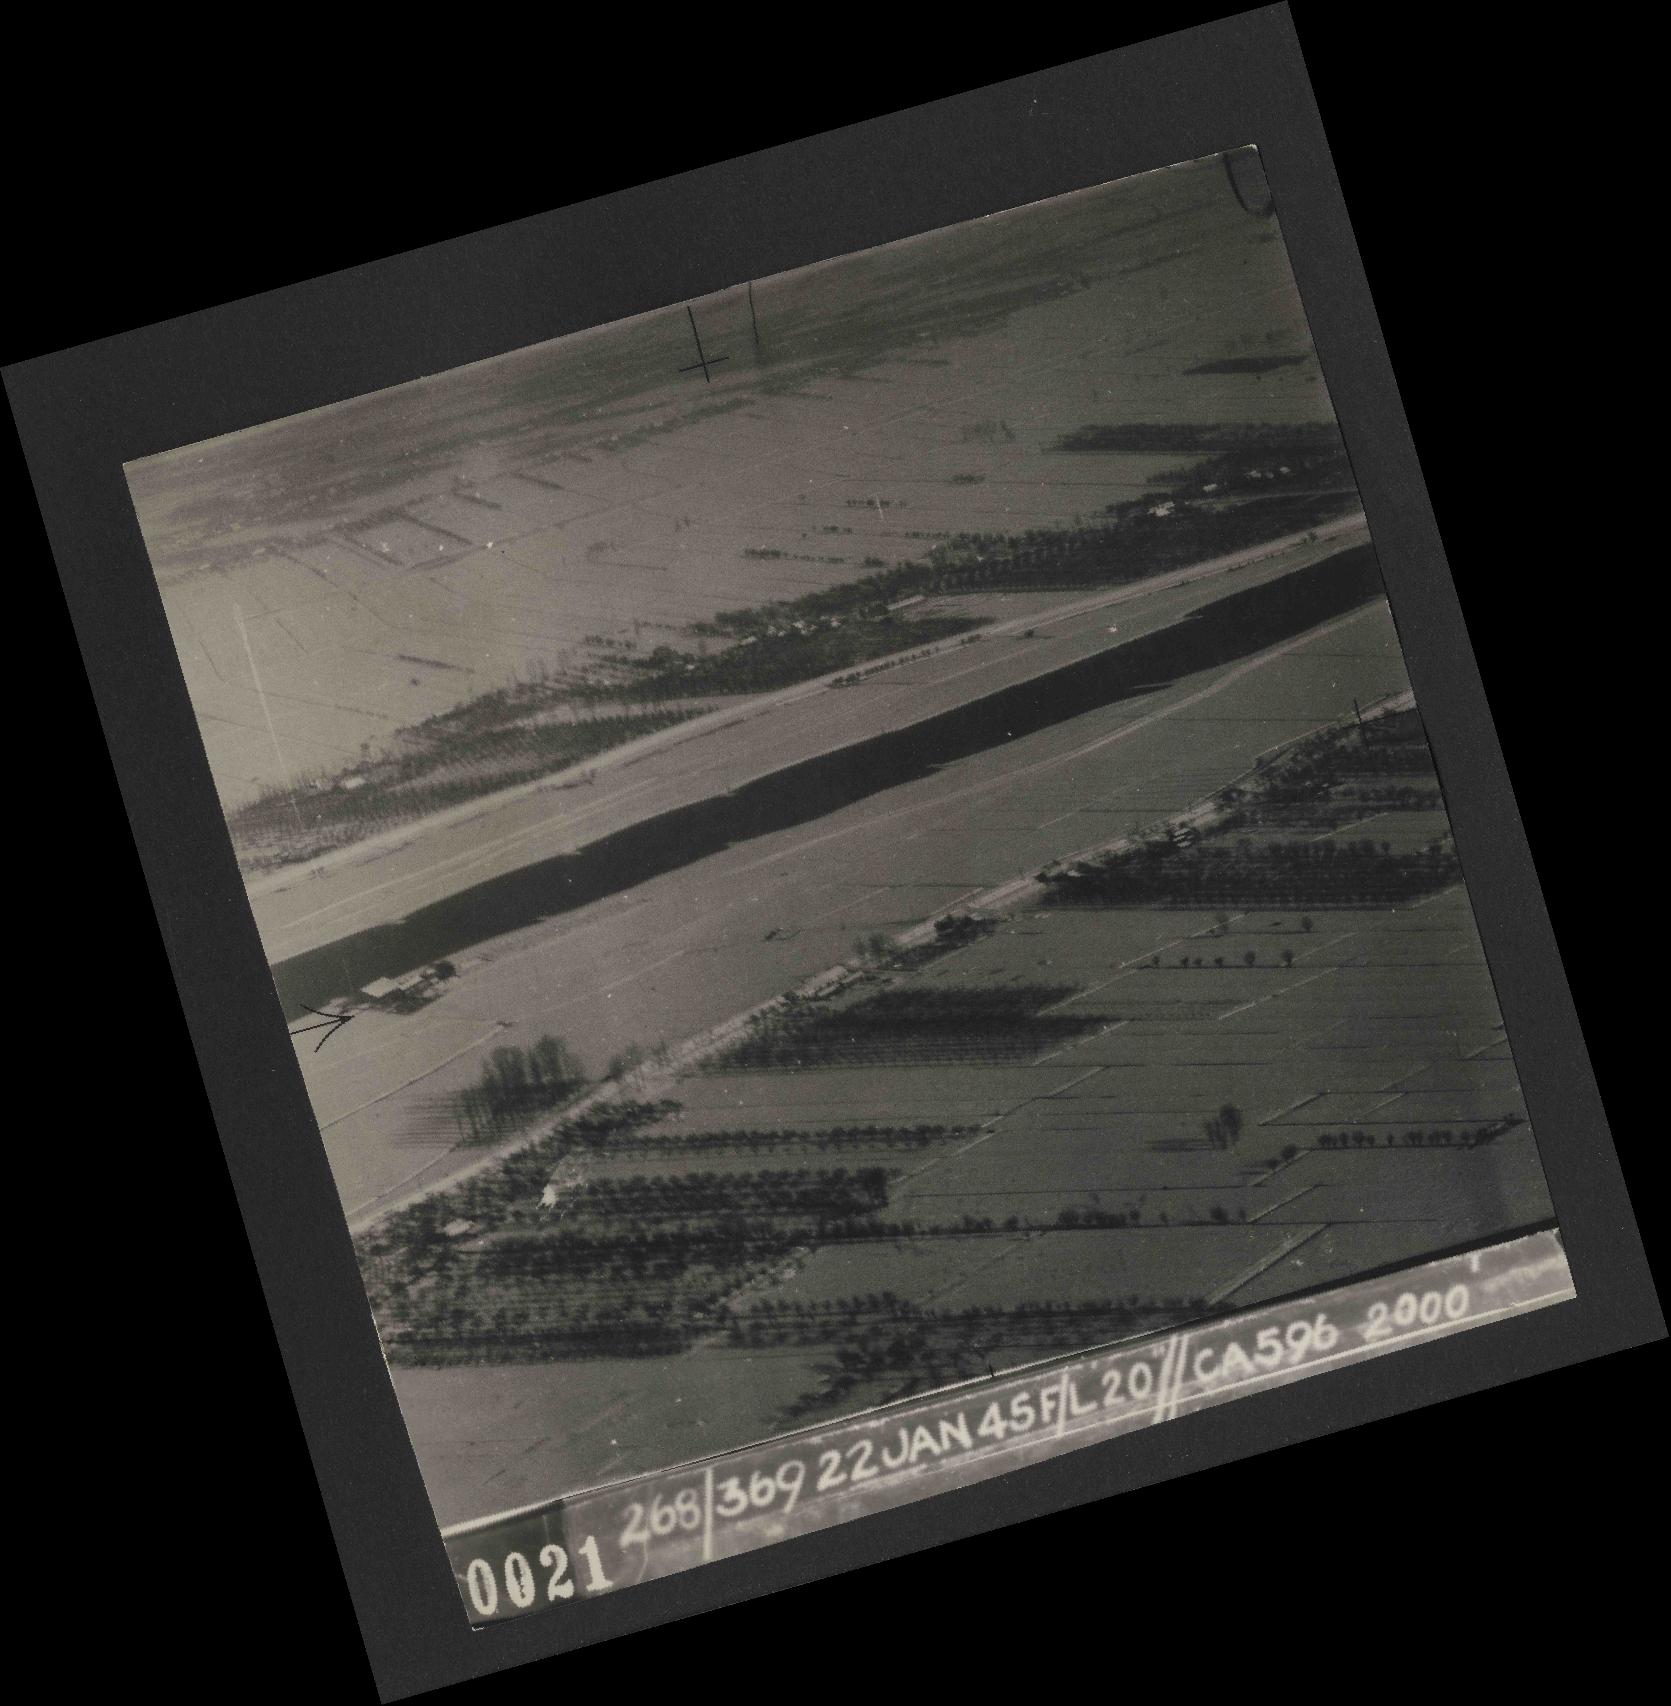 Collection RAF aerial photos 1940-1945 - flight 539, run 01, photo 0021